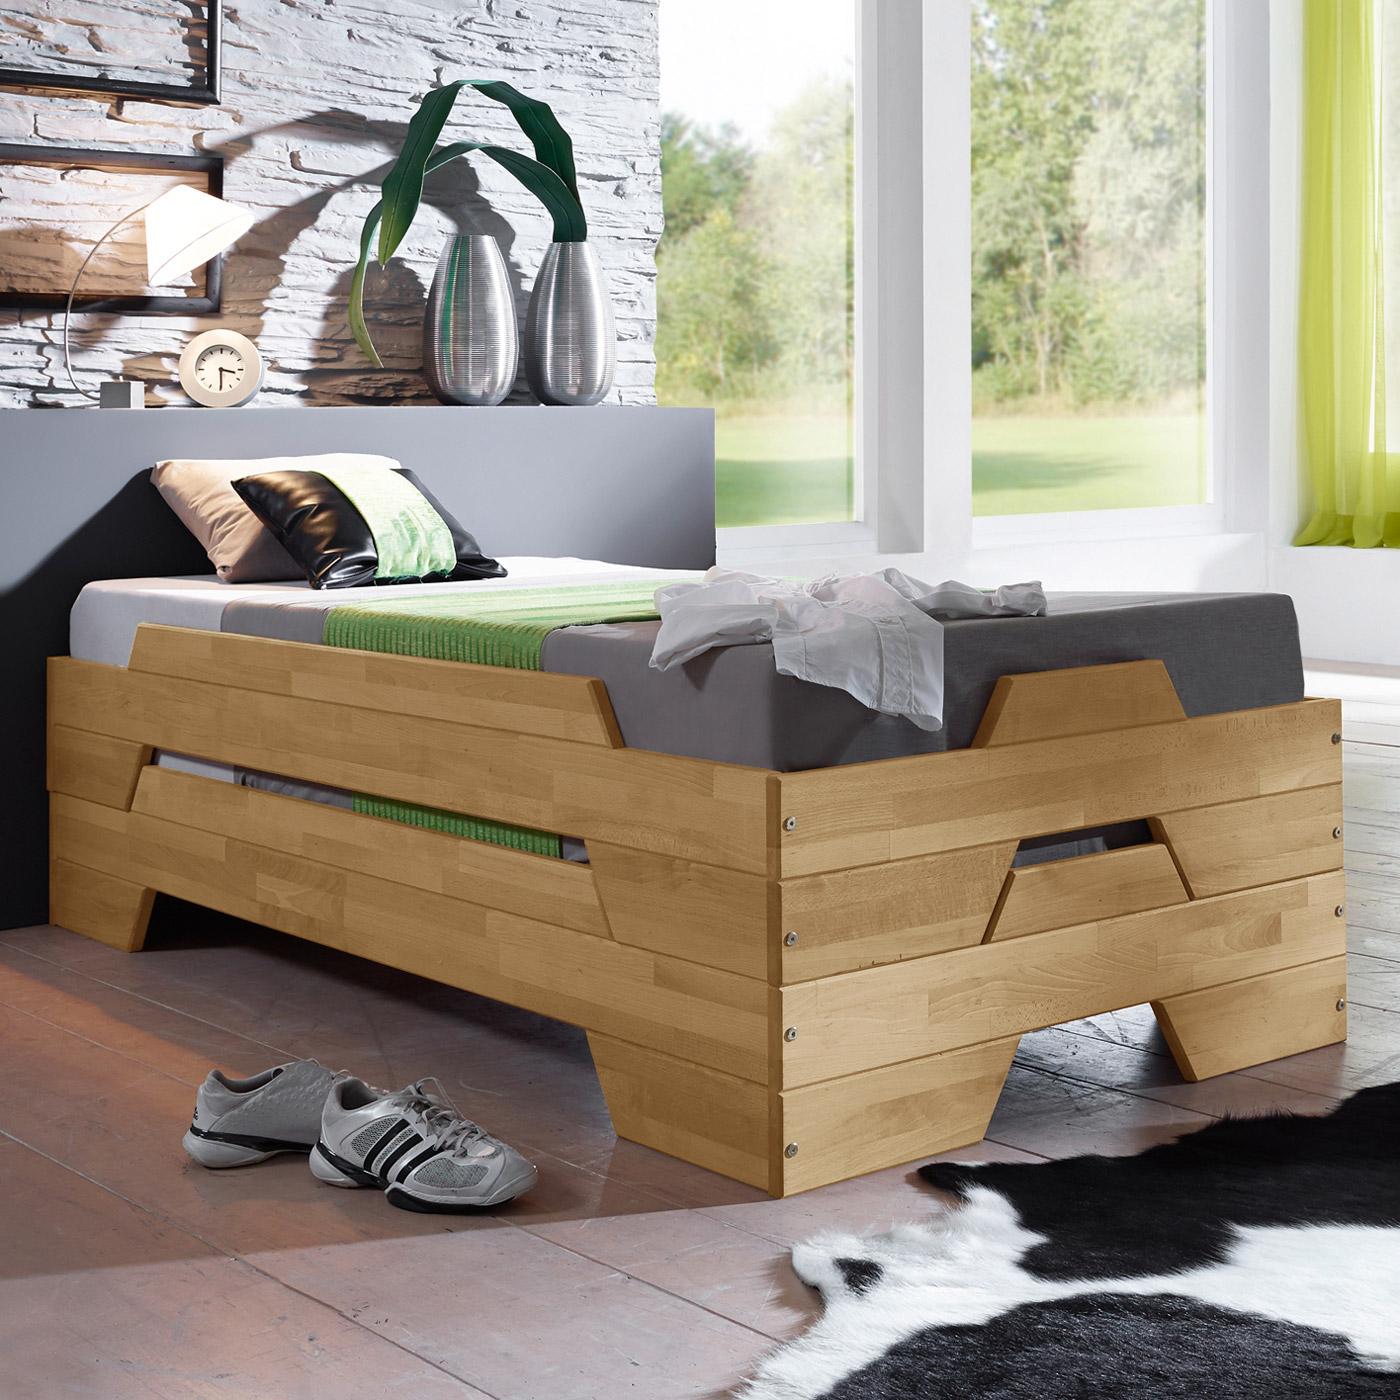 Raumsparbetten In Top Qualitat Und Dennoch Preiswert Betten De